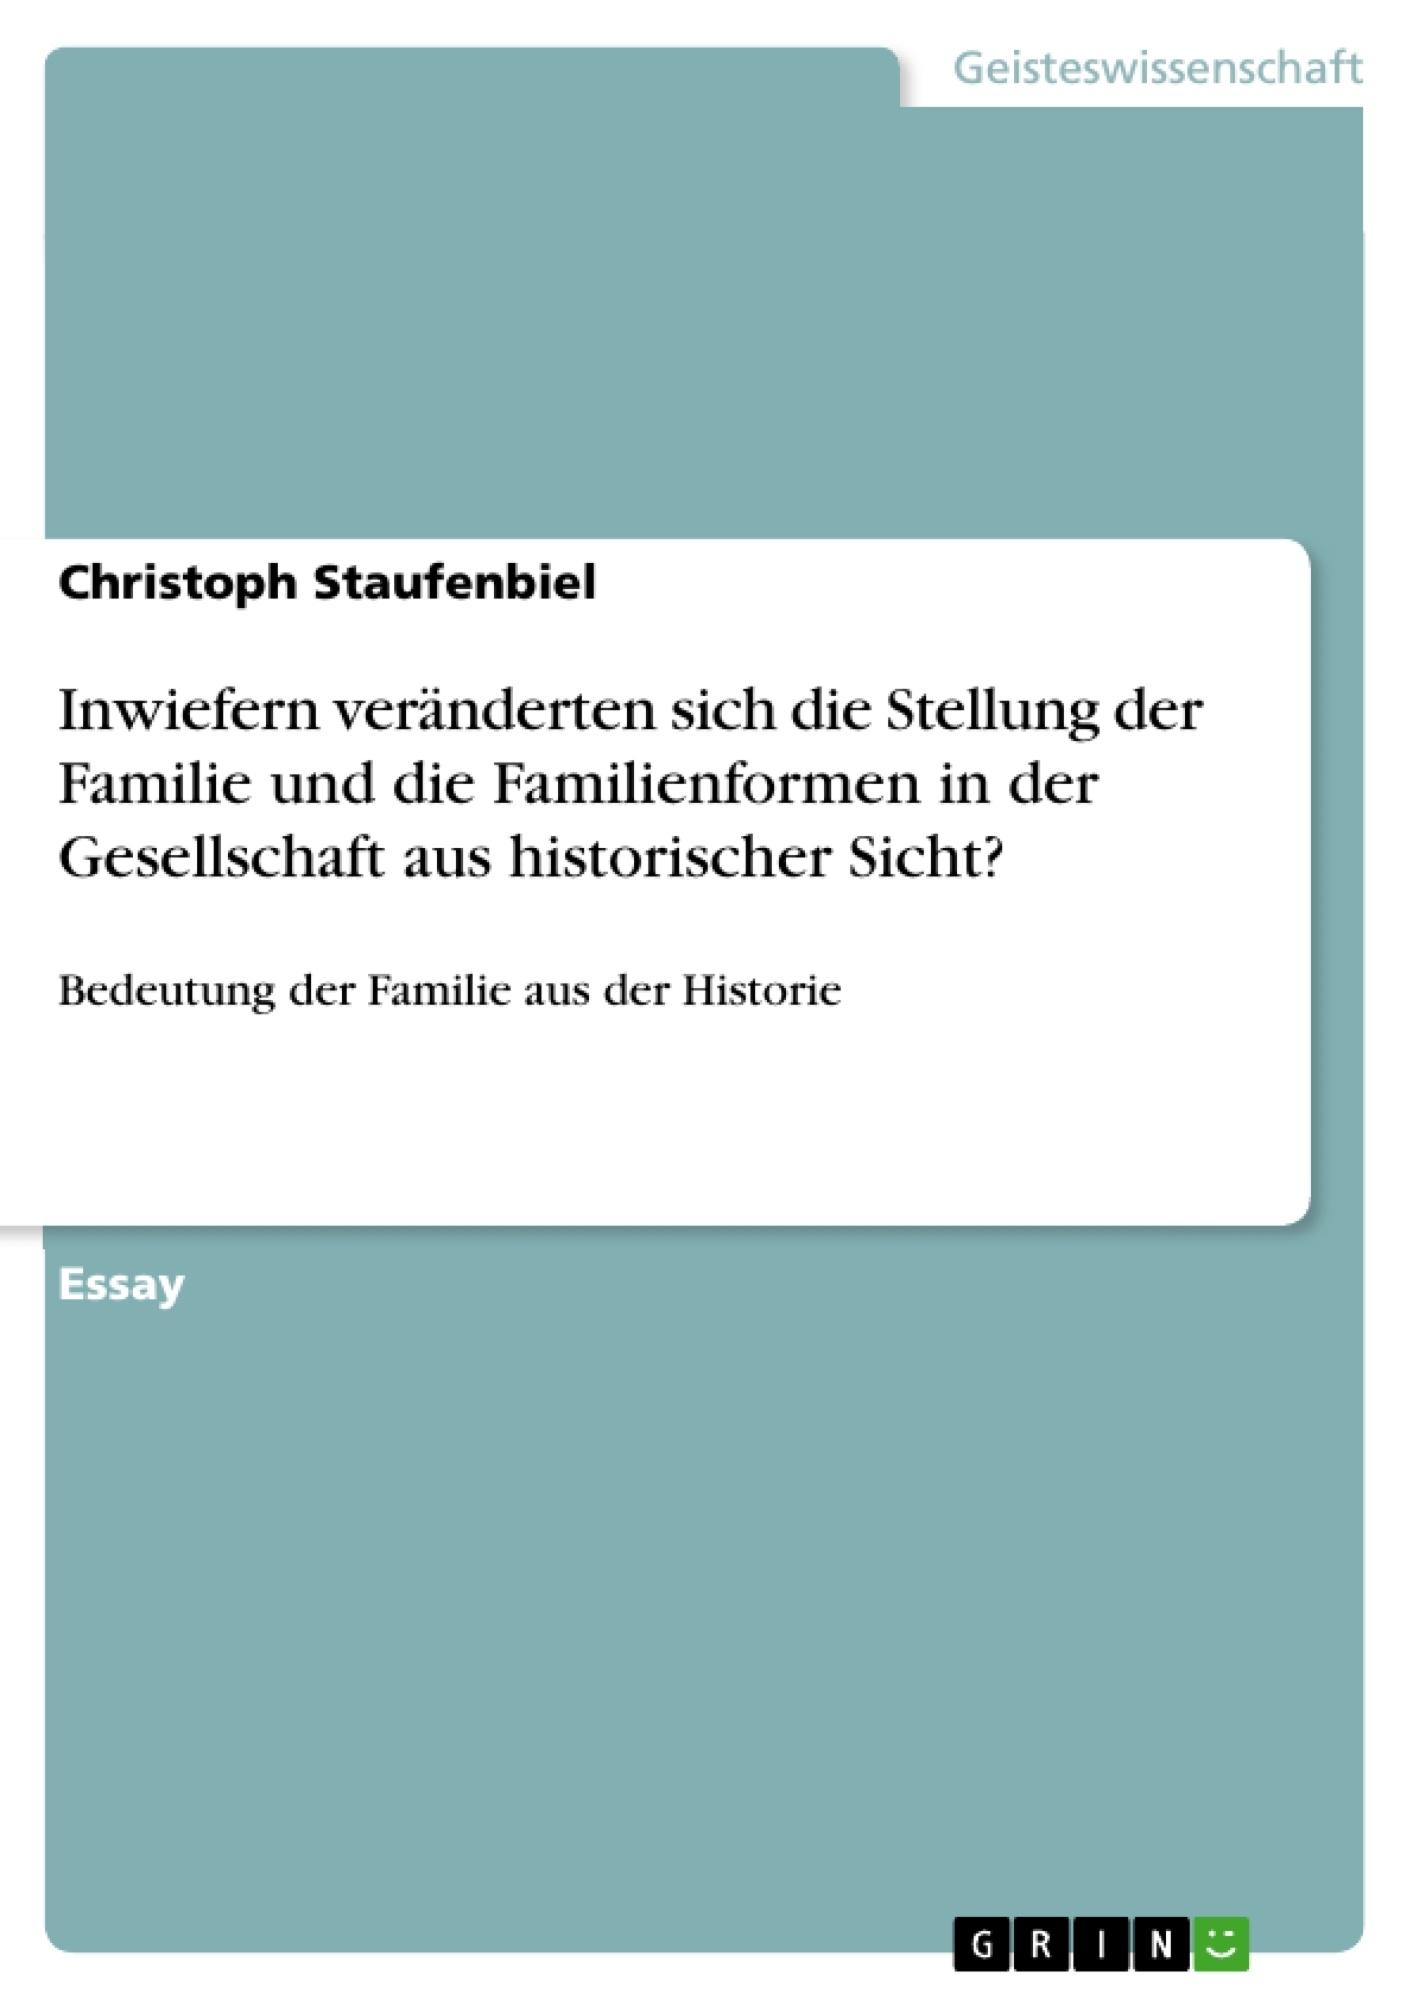 Titel: Inwiefern veränderten sich die Stellung der Familie und die Familienformen in der Gesellschaft aus historischer Sicht?